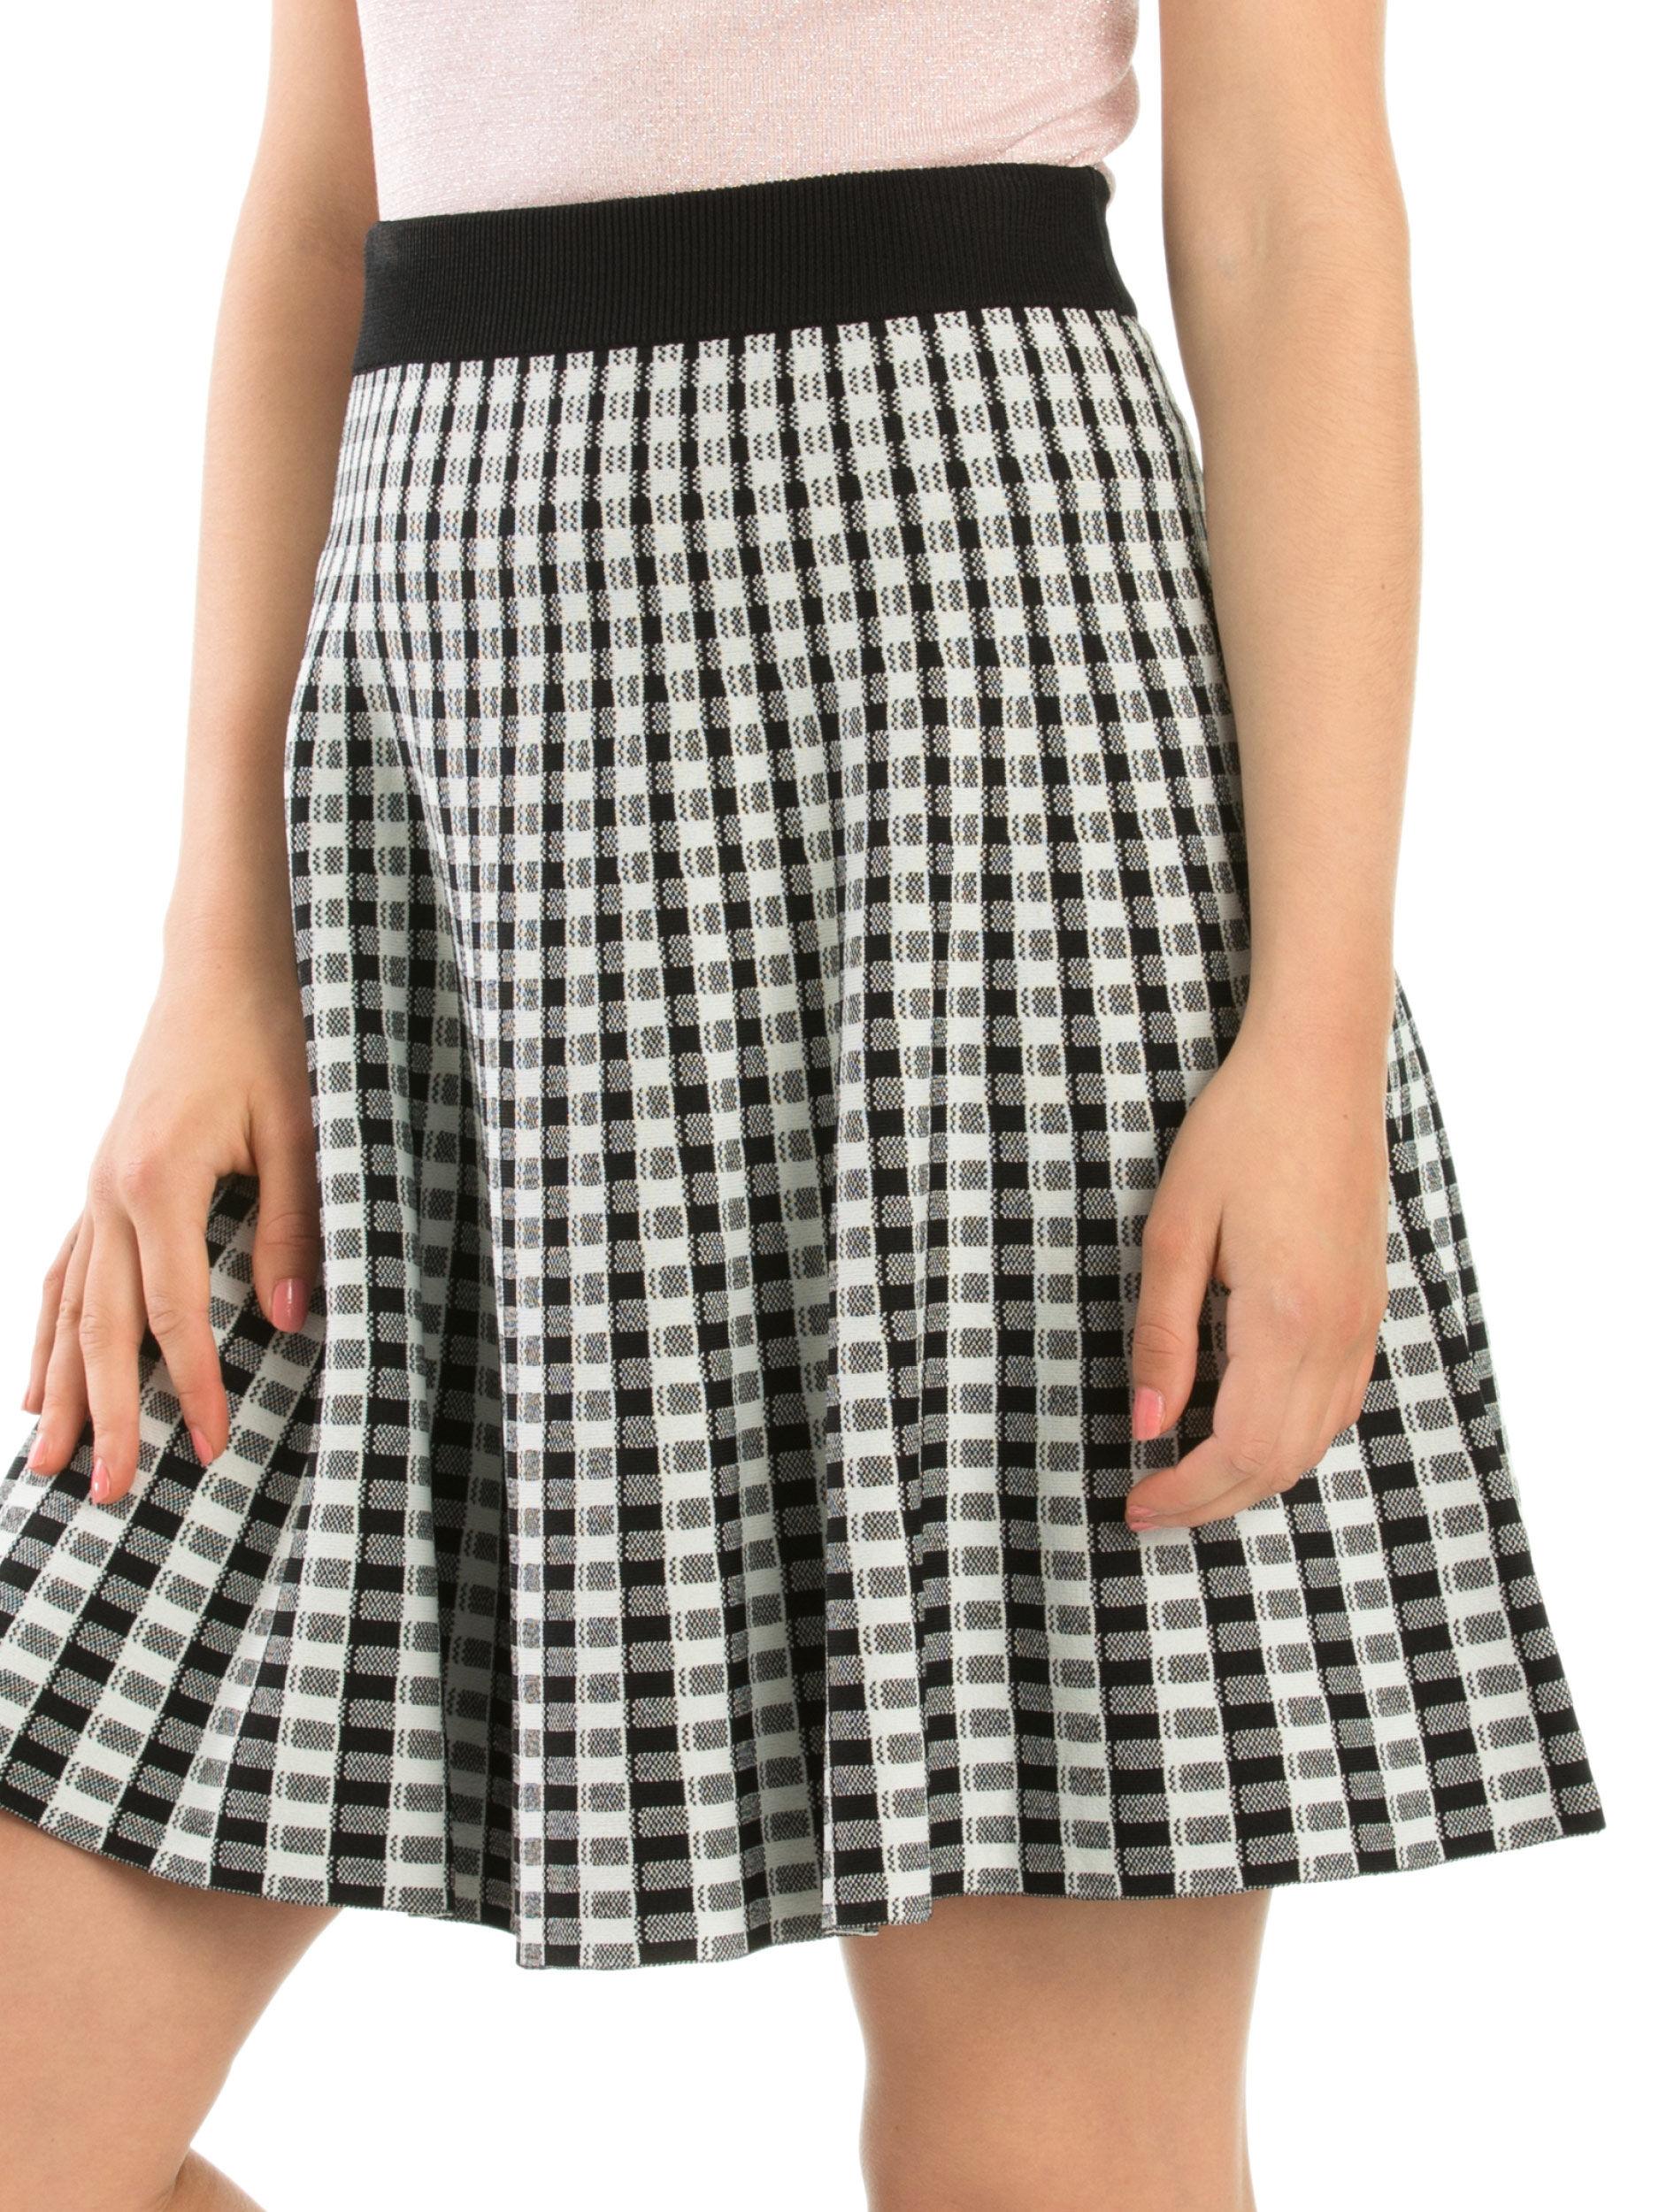 Frankie Knitted Skirt